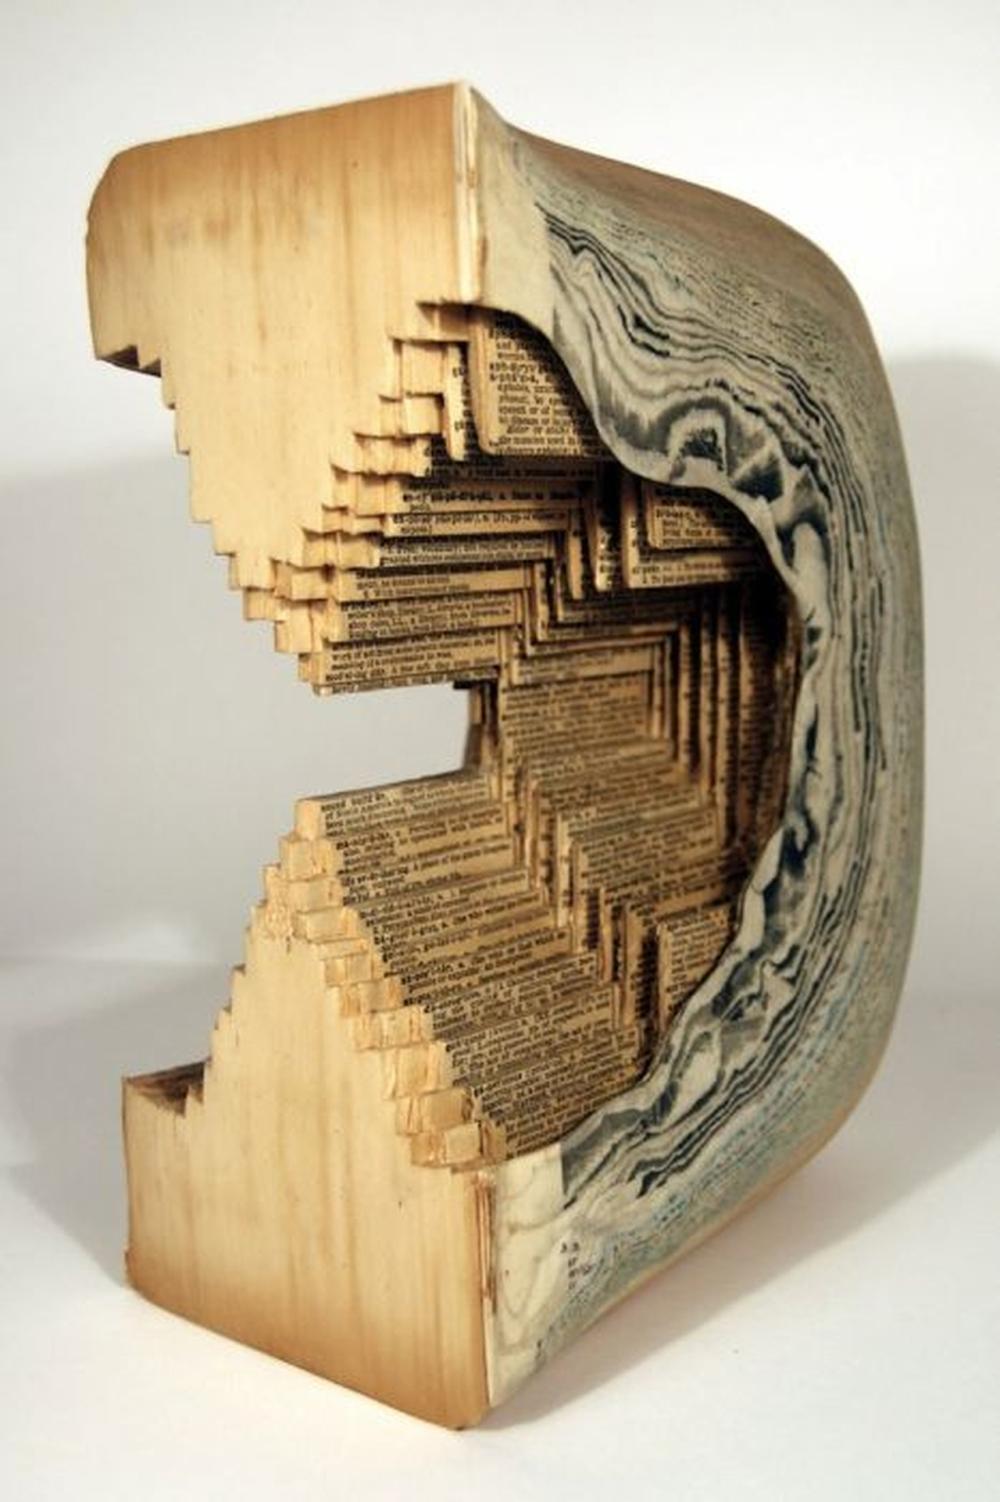 Arte-hecha-con-libros-19.jpg